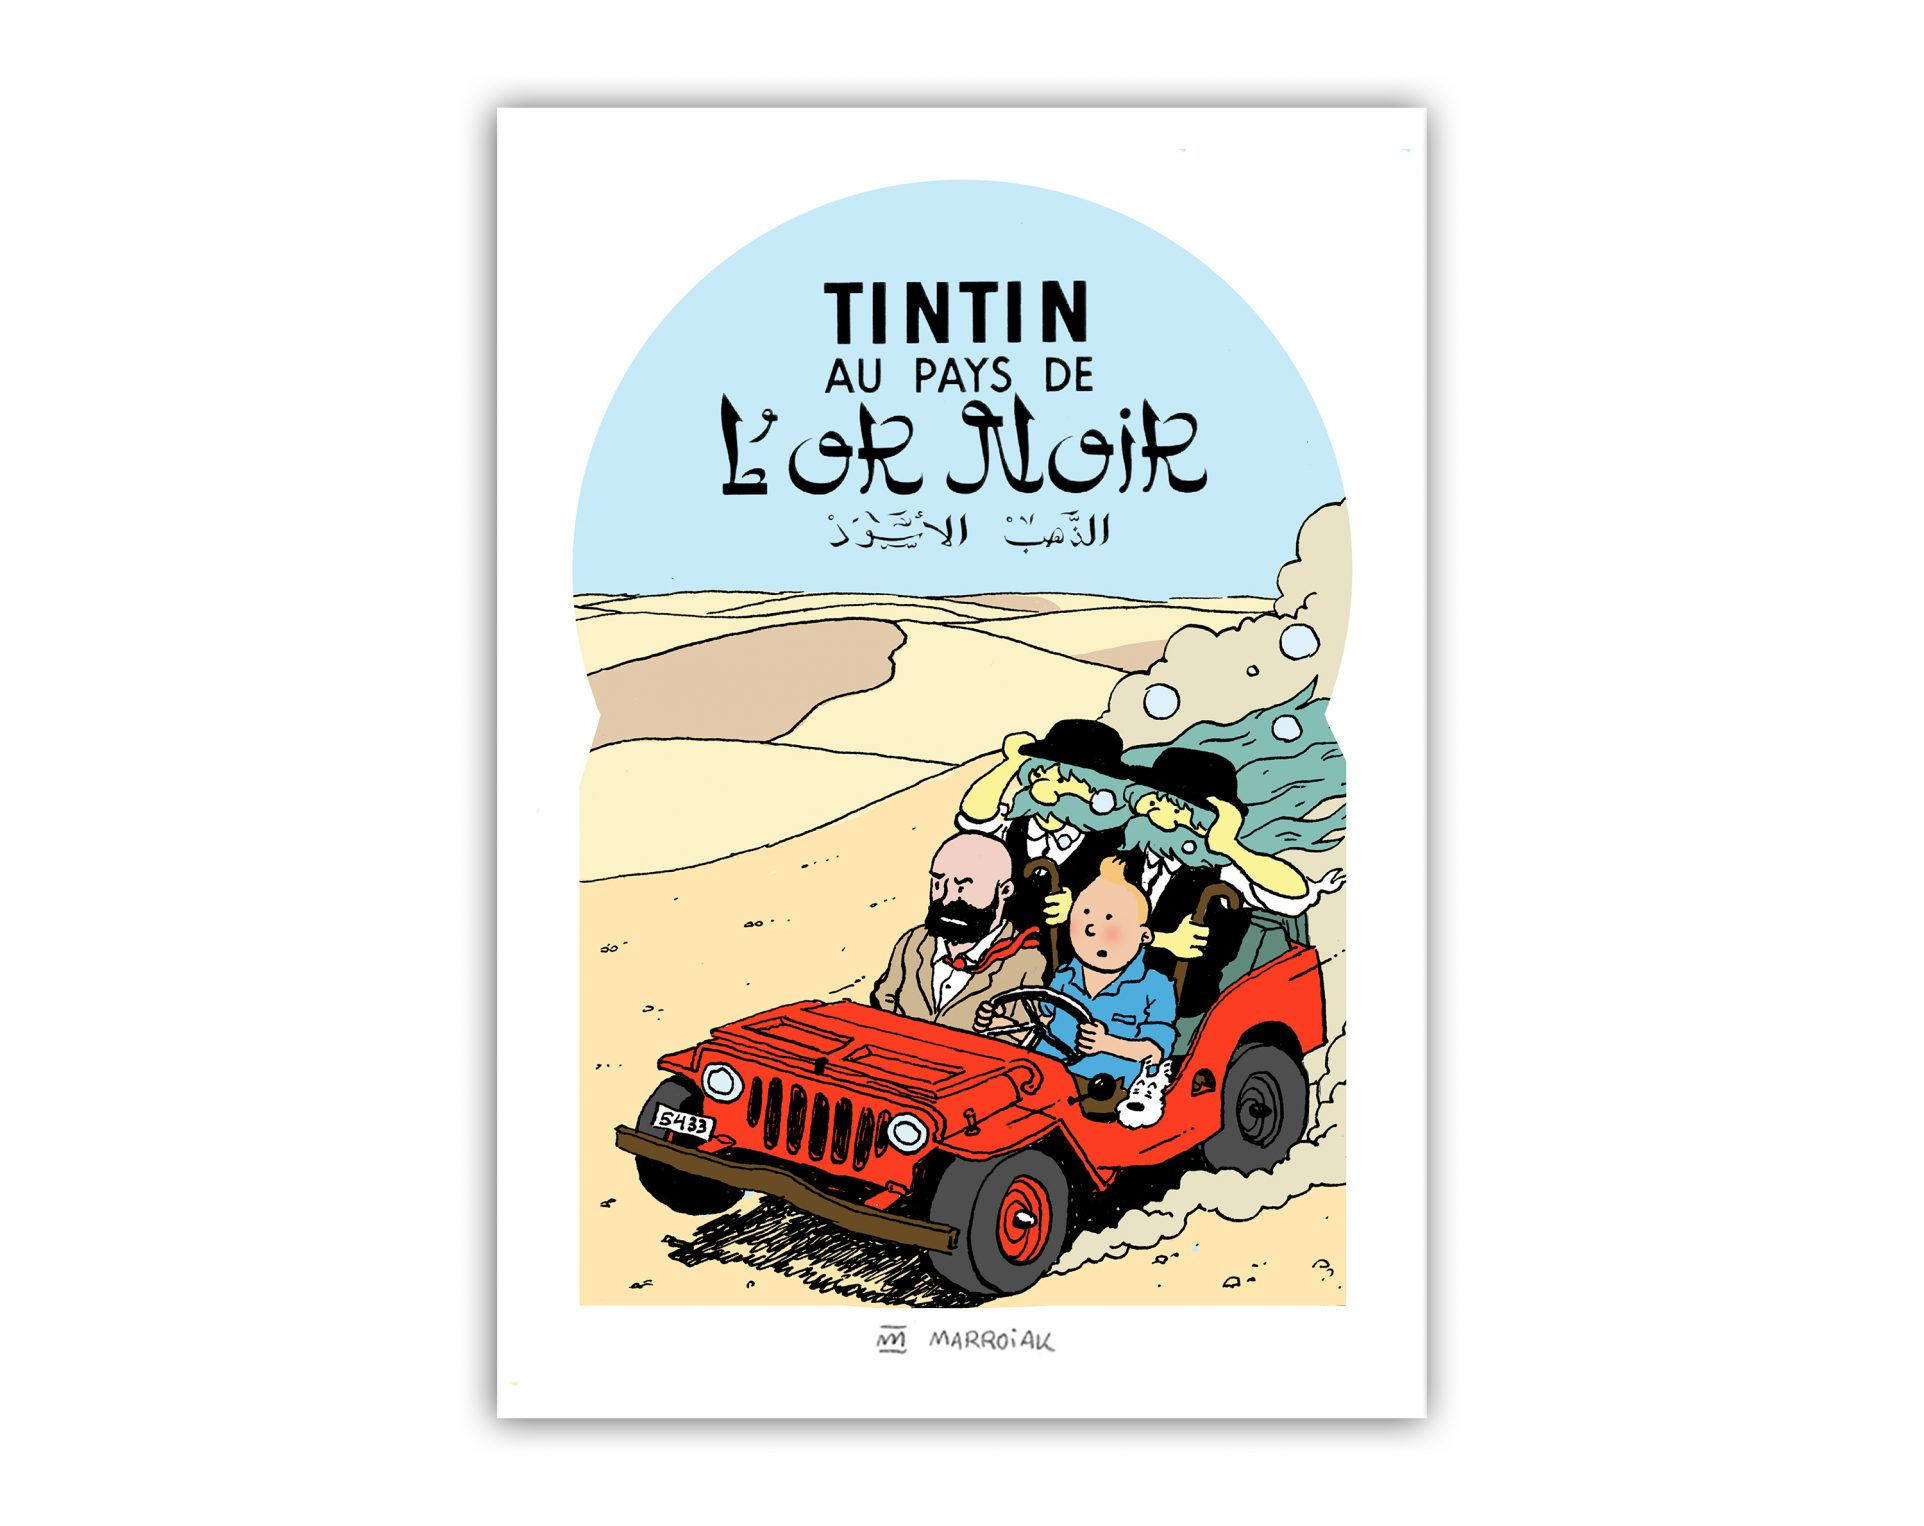 Lámina falsa de Tintin en el país del oro negro. Portada